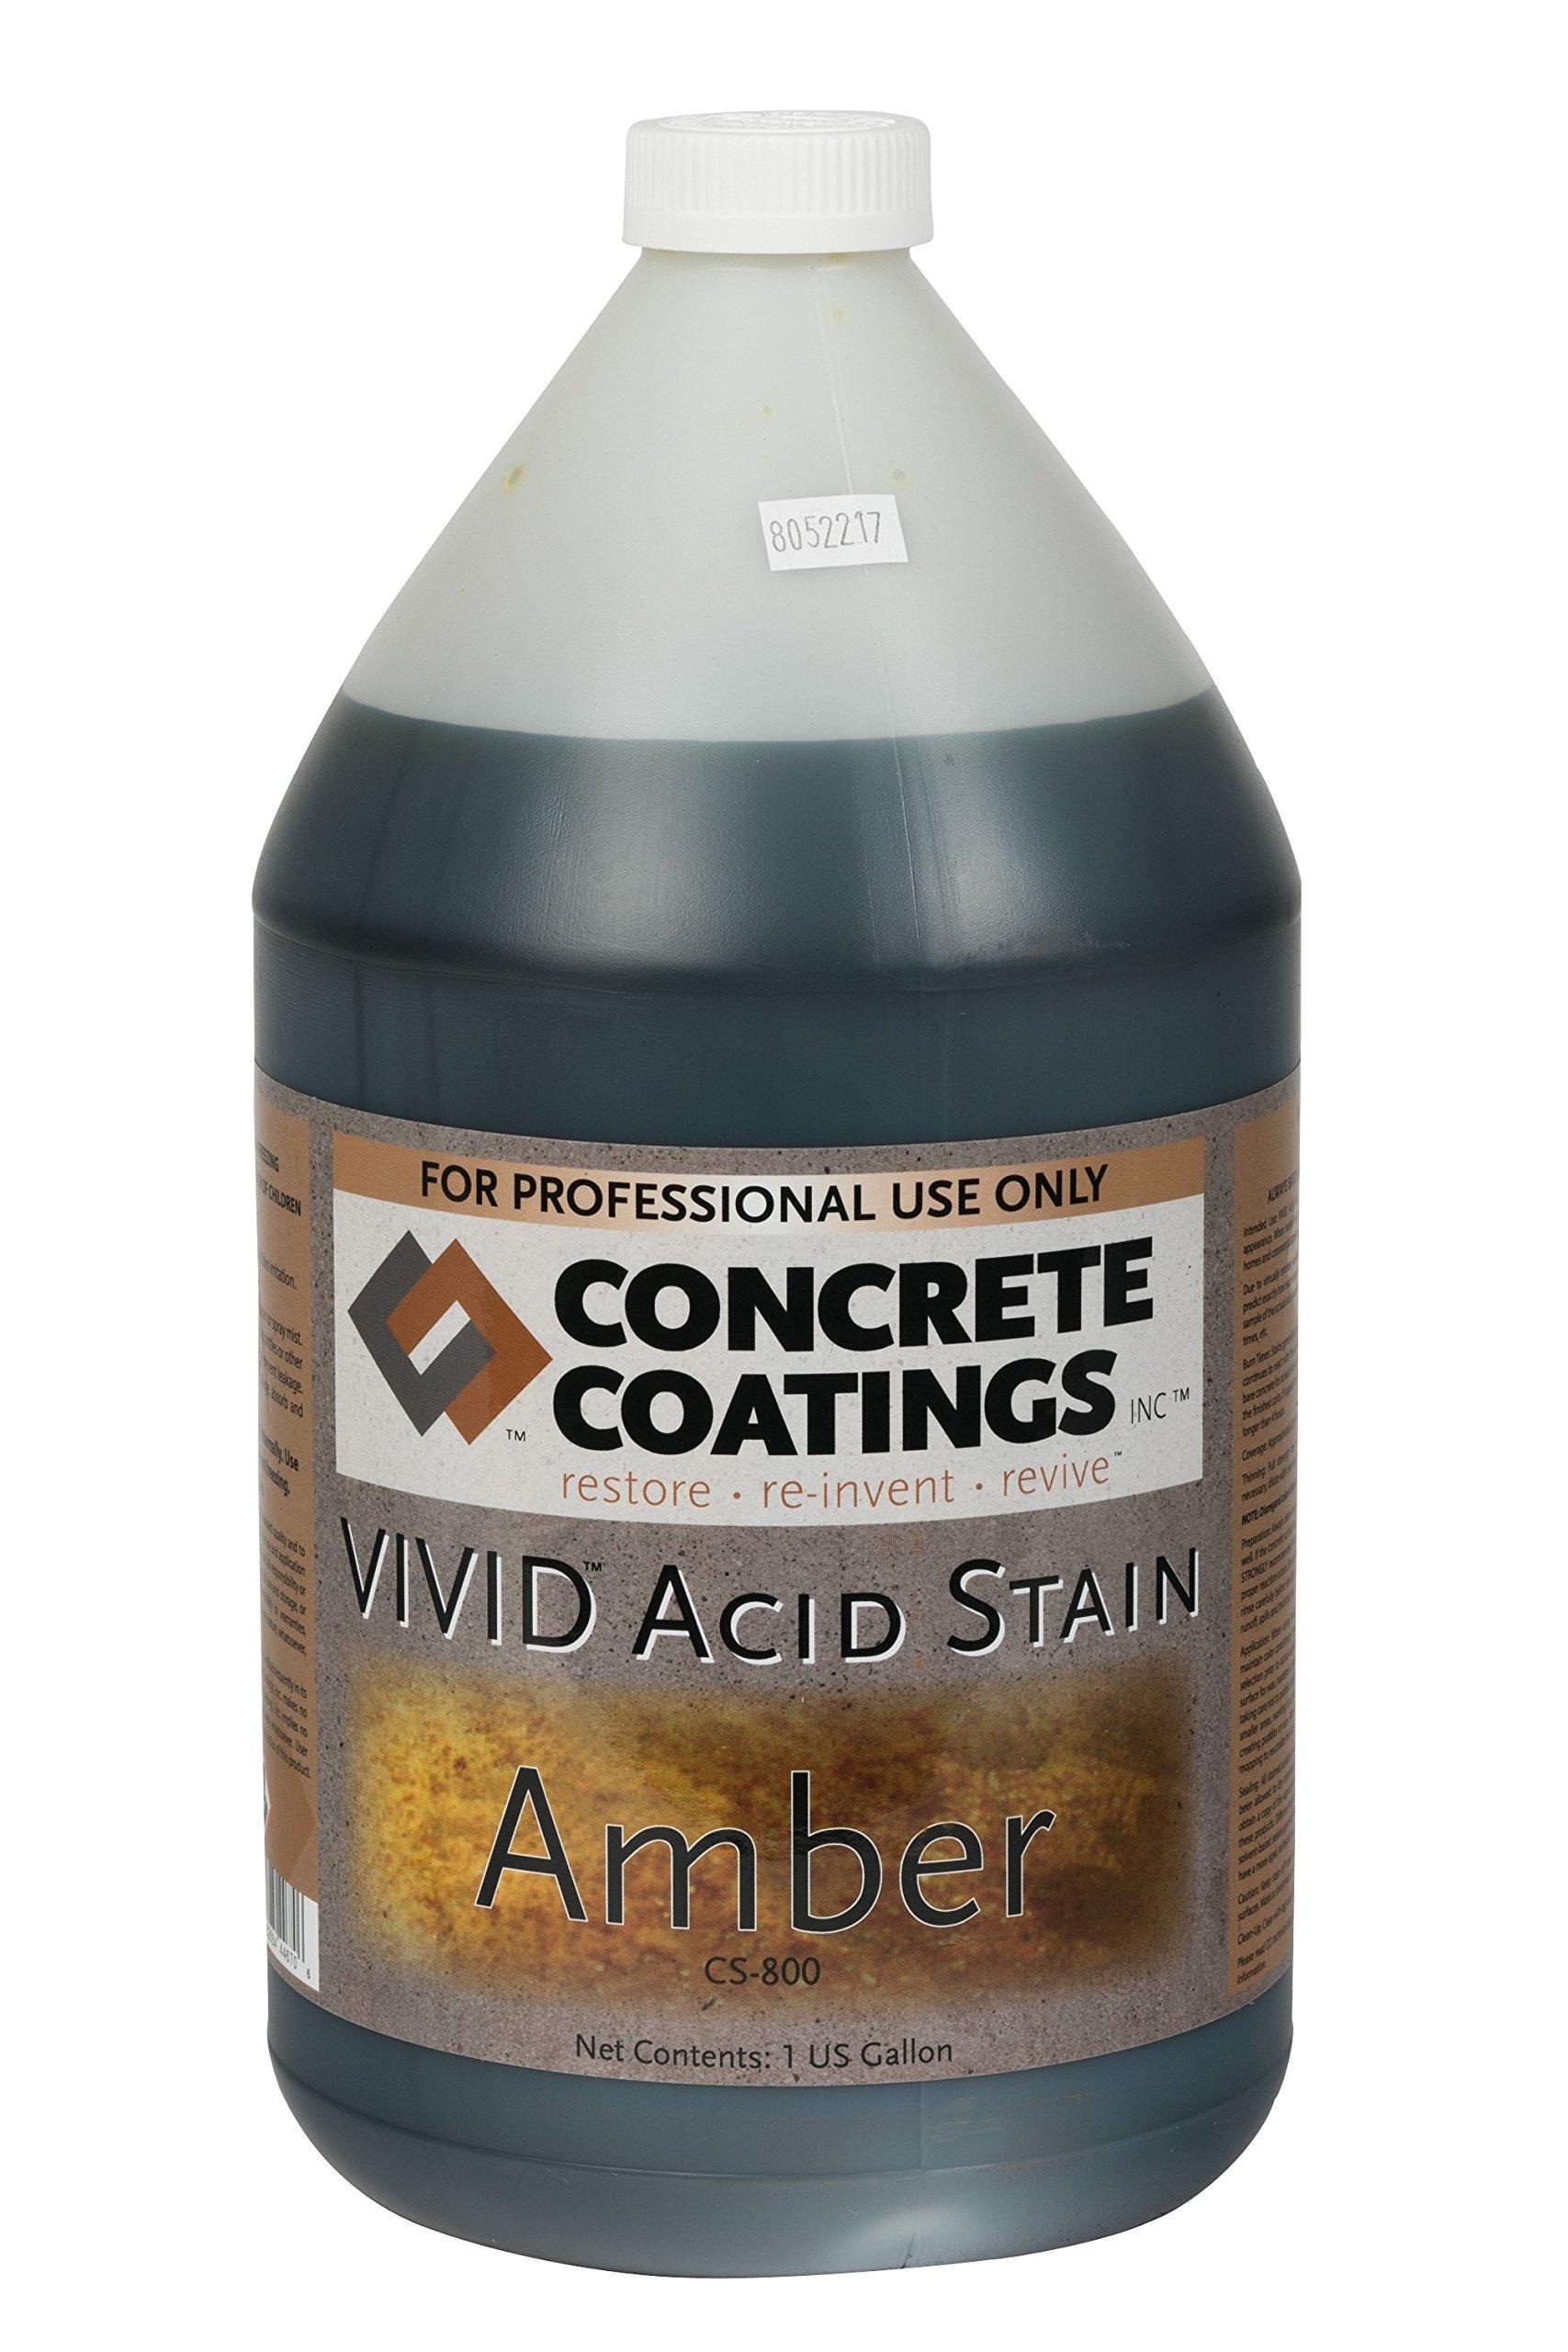 VIVID Acid Stain - 1 Gal - Amber (Slightly more Orange than Caramel)